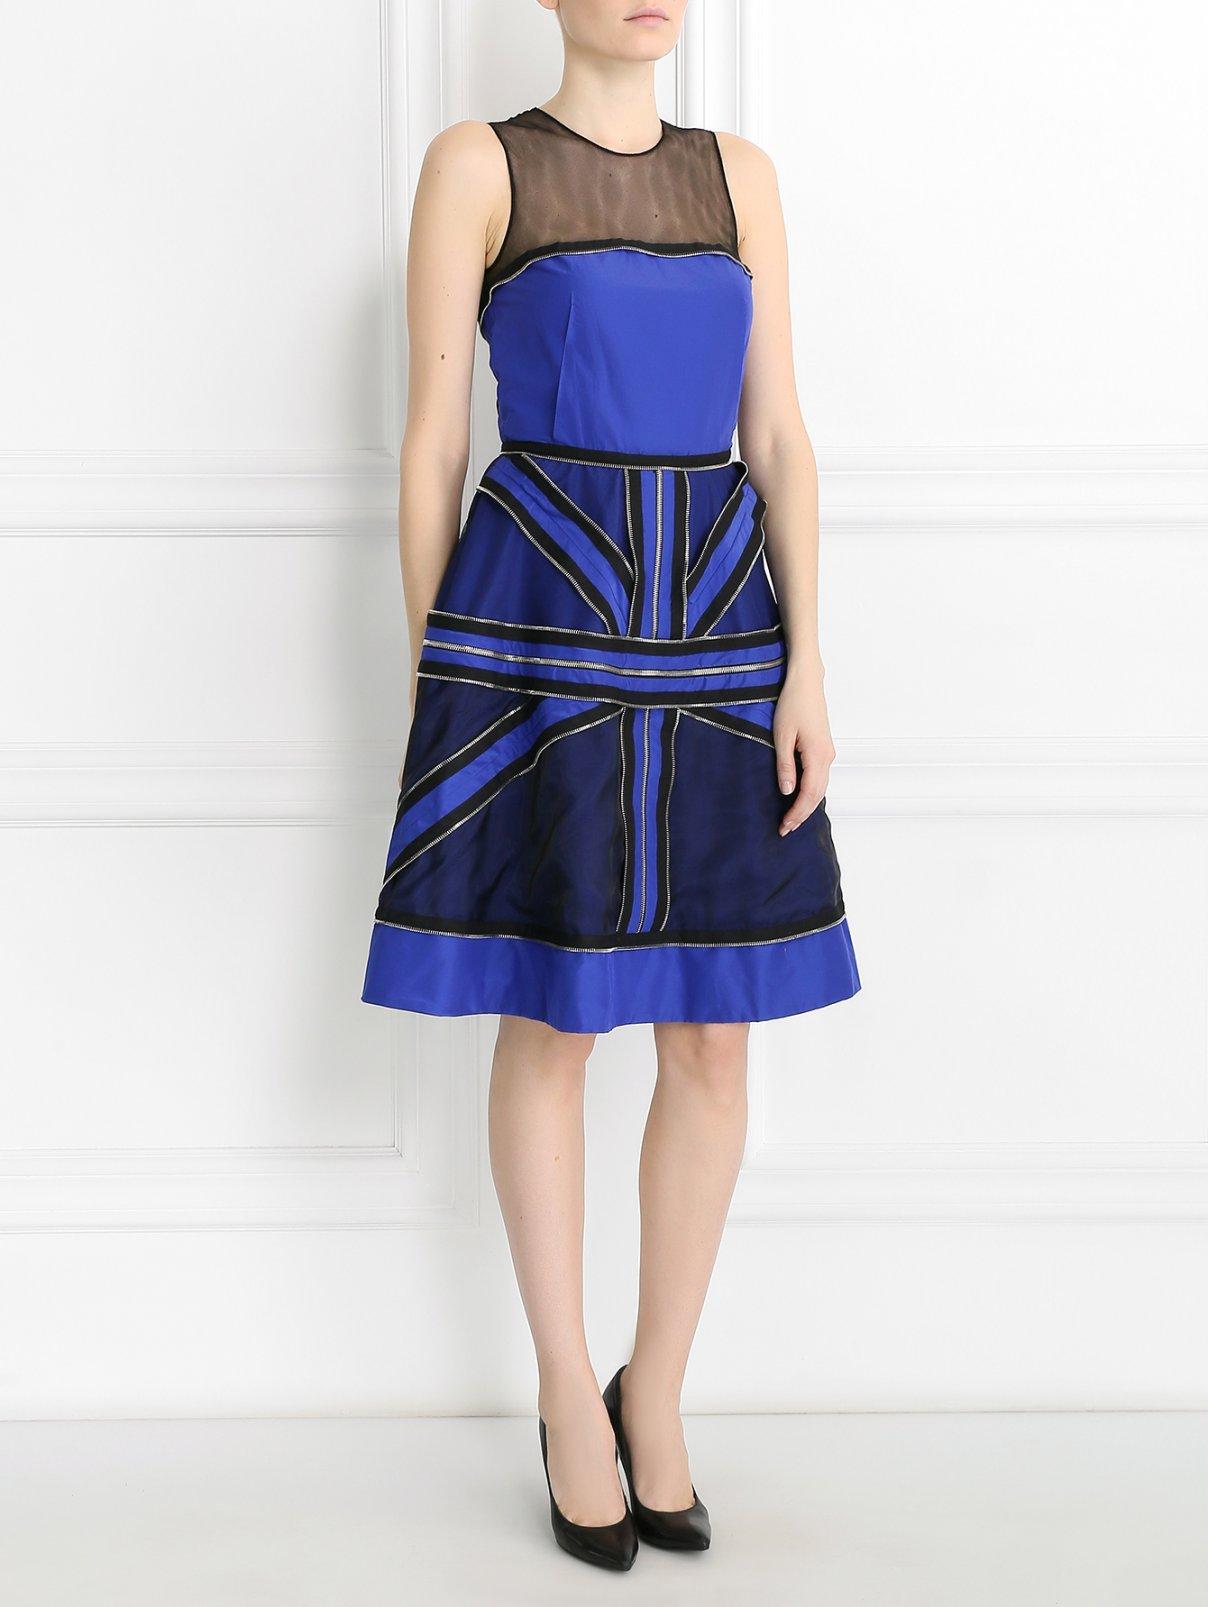 Платье из хлопка и шелка с металлической фурнитурой Jean Paul Gaultier  –  Модель Общий вид